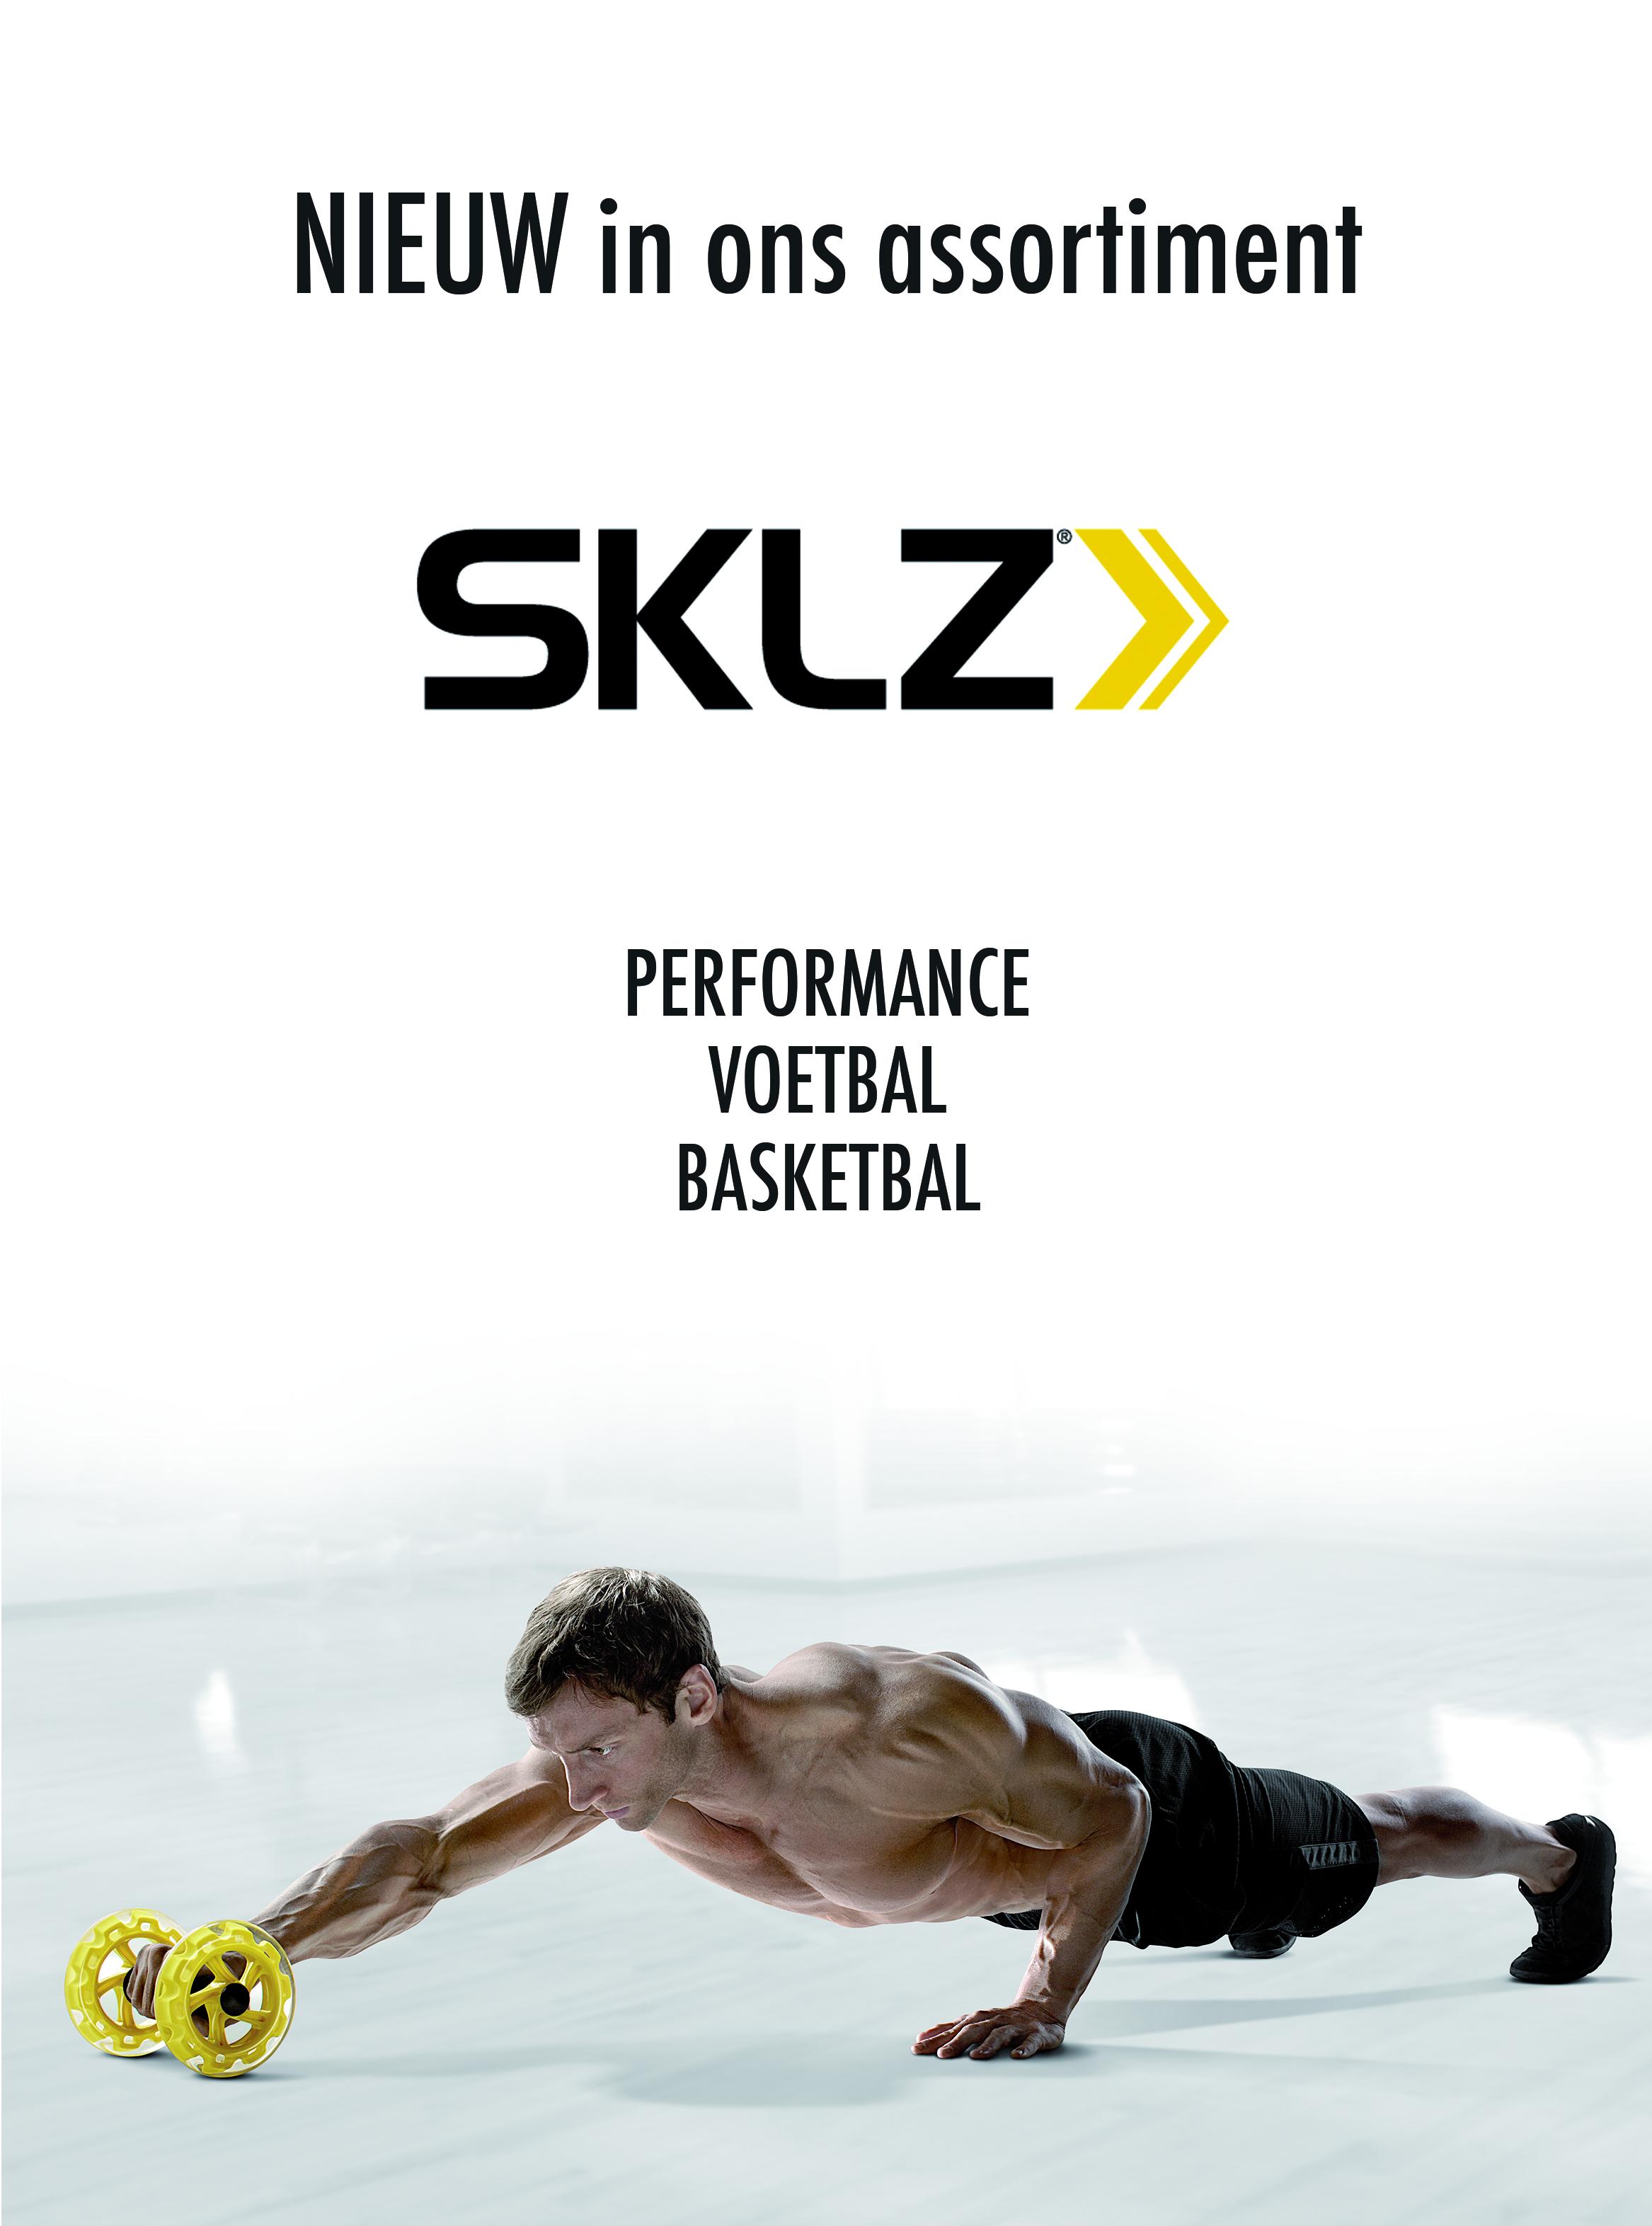 Fitnessbenelux - Home - SKLZ